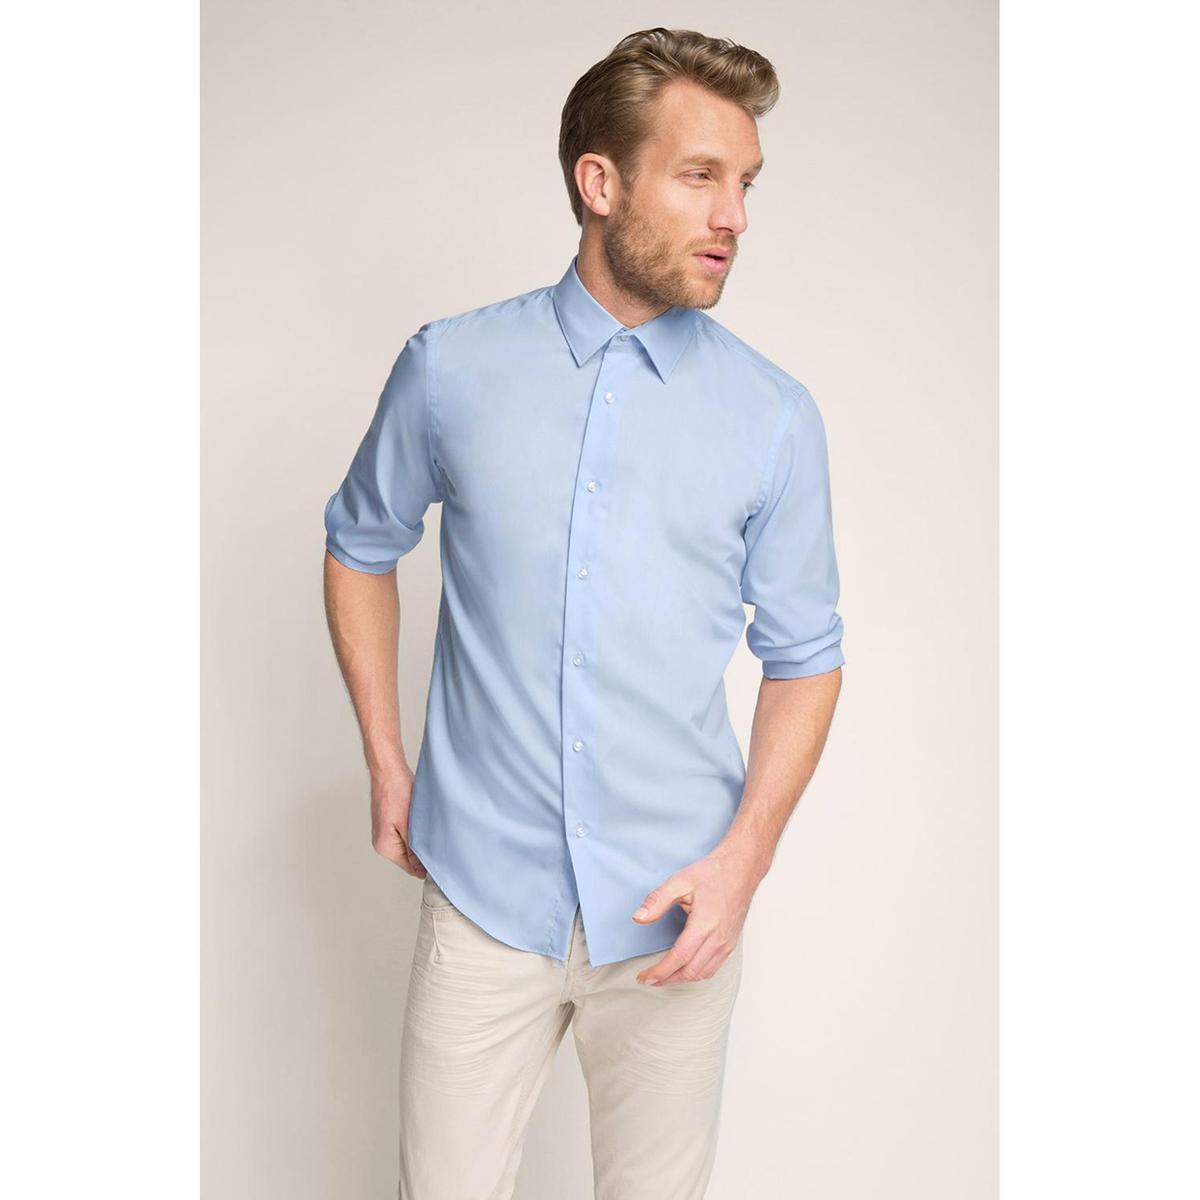 Рубашка, 100% хлопка.Состав и описание:Материал: 100% хлопка.Марка: ESPRIT.<br><br>Цвет: небесно-голубой